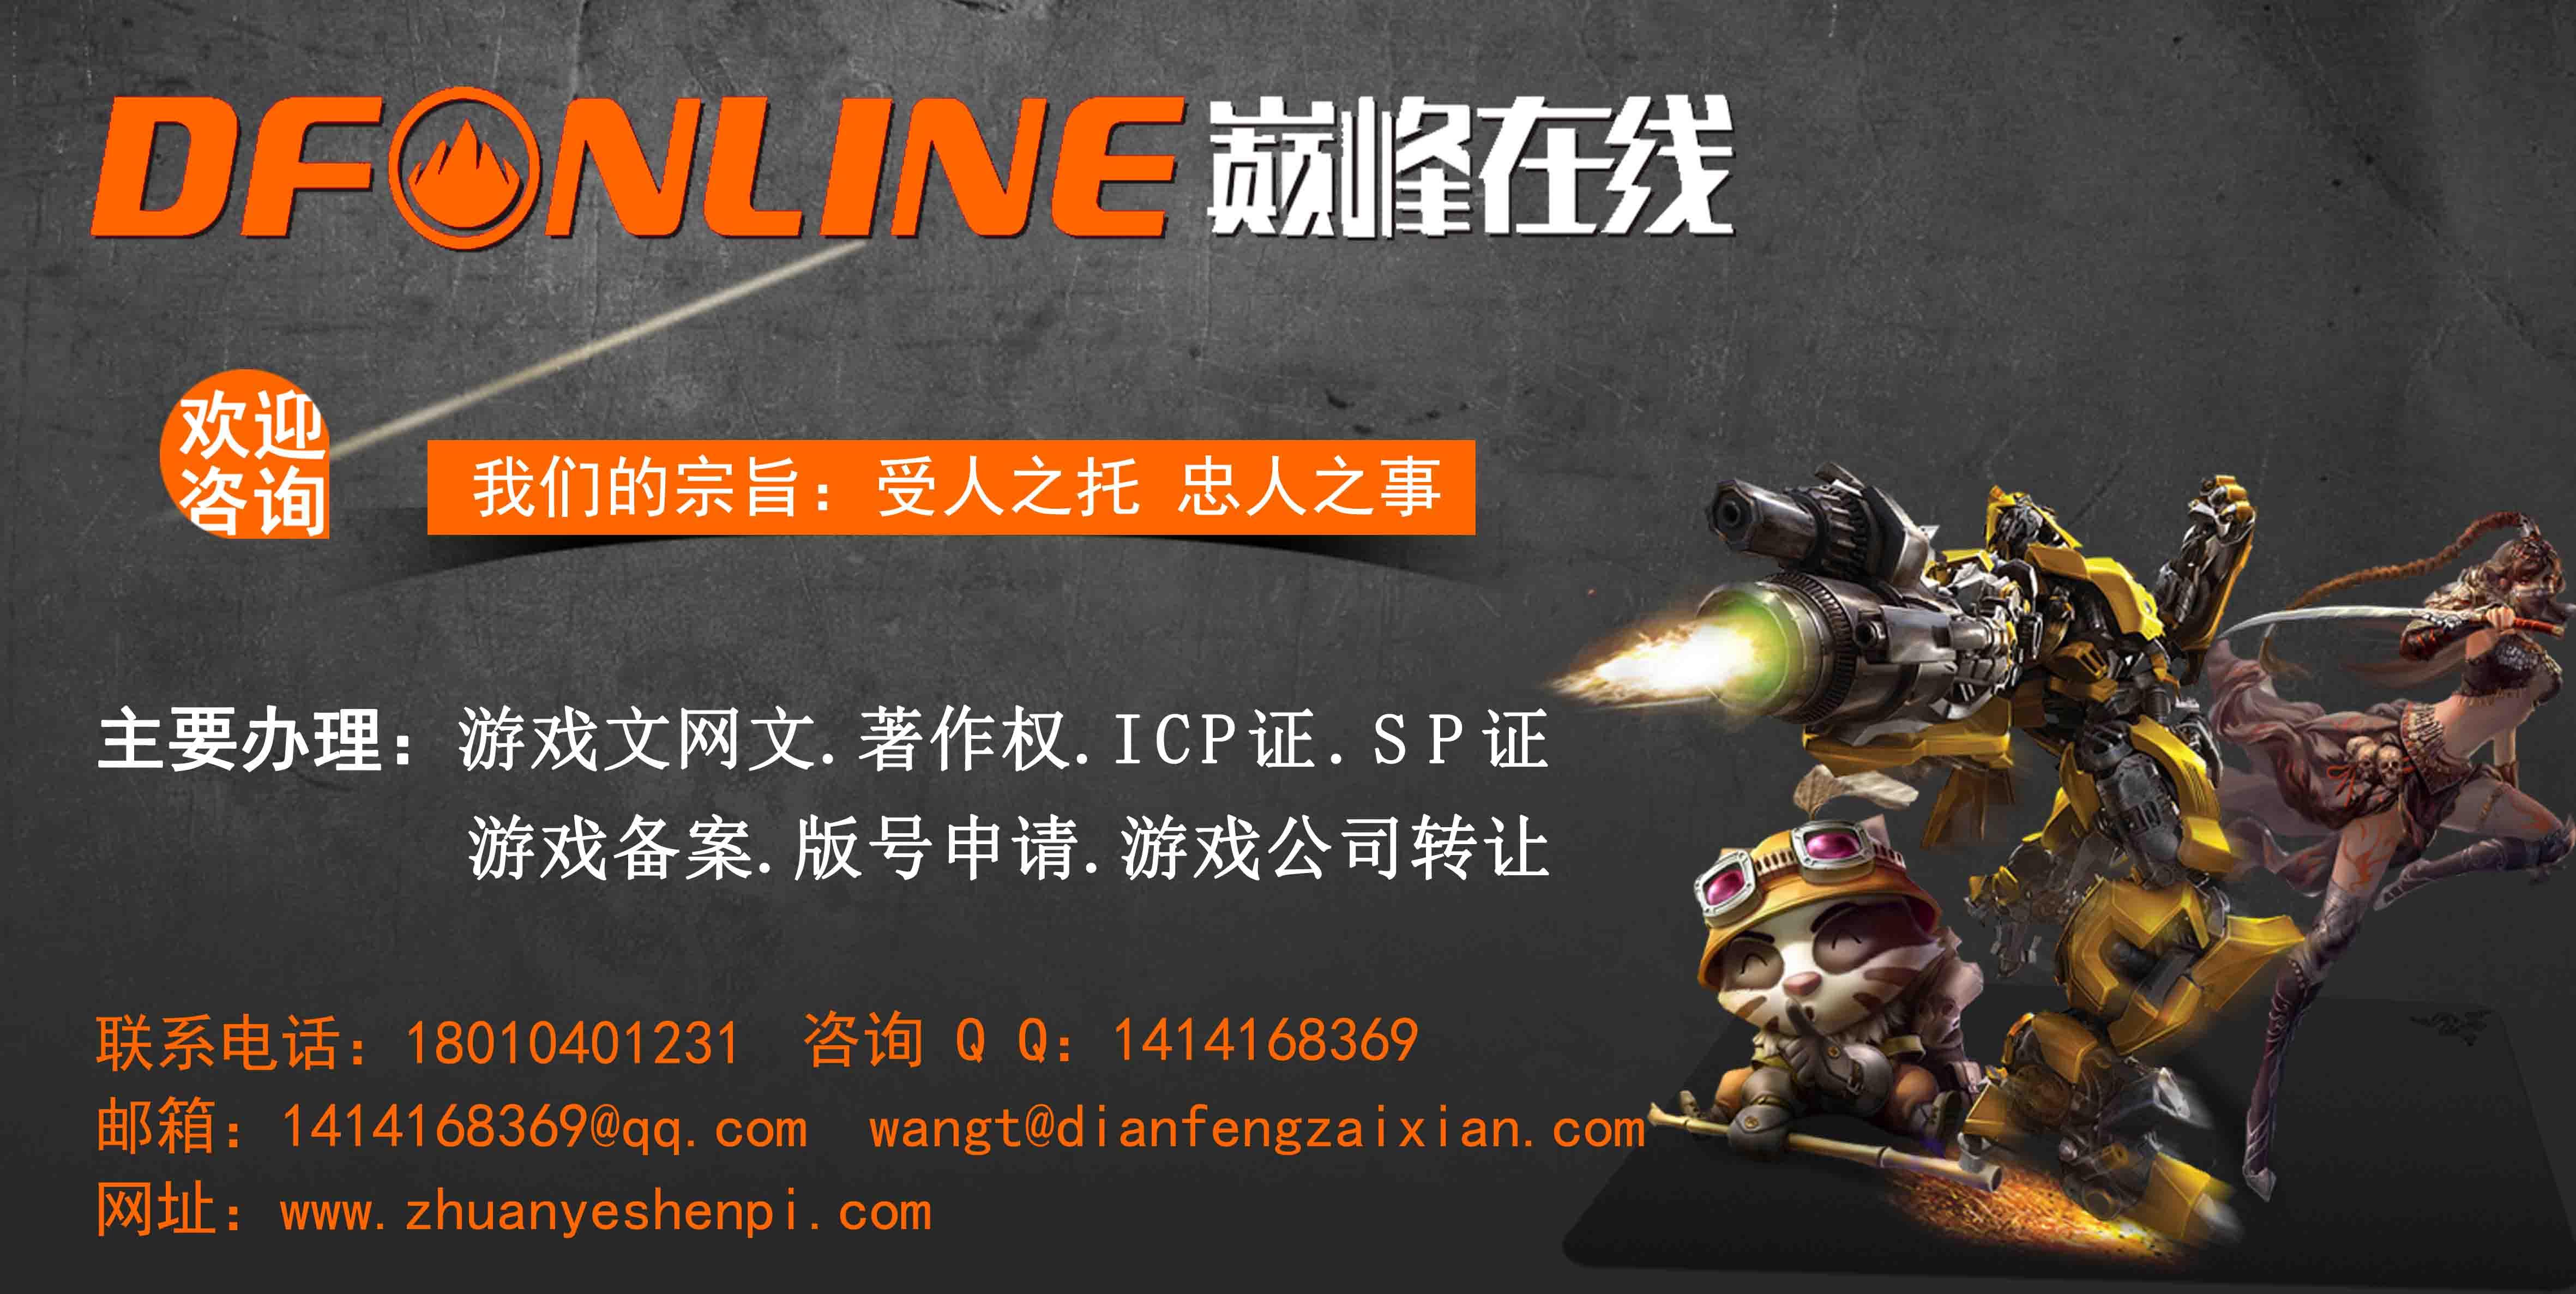 ICP申请的流程,ICP申请多长时间,北京ICP办理怎么收费